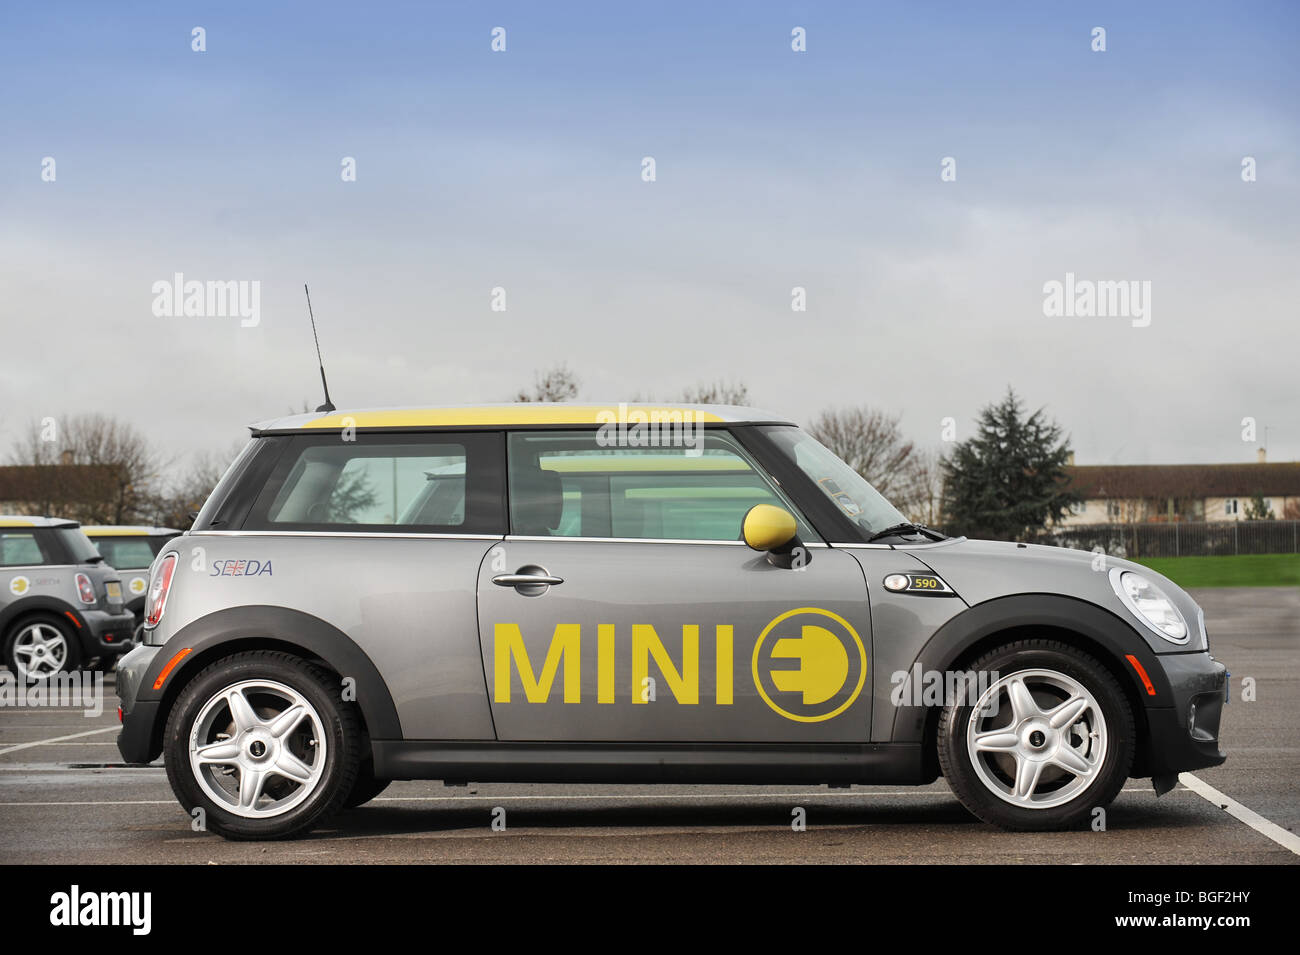 Mini e auto elettriche Immagini Stock